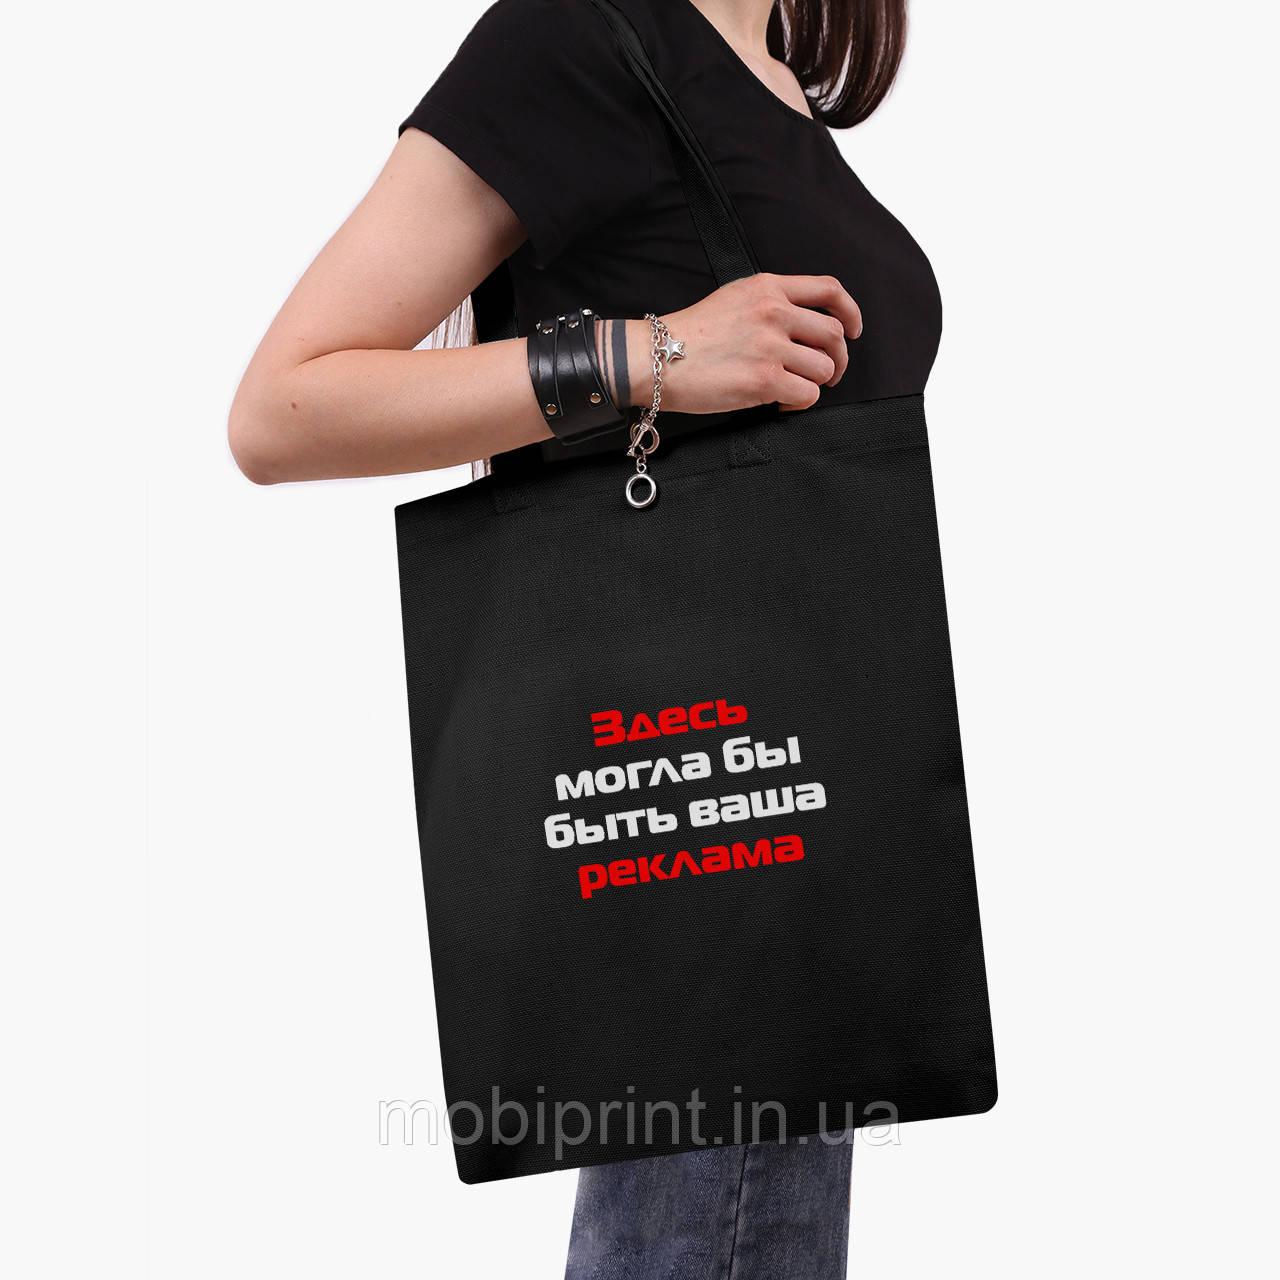 Еко сумка шоппер з принтом Тут могла бути Ваша реклама (9227-1290) Білий